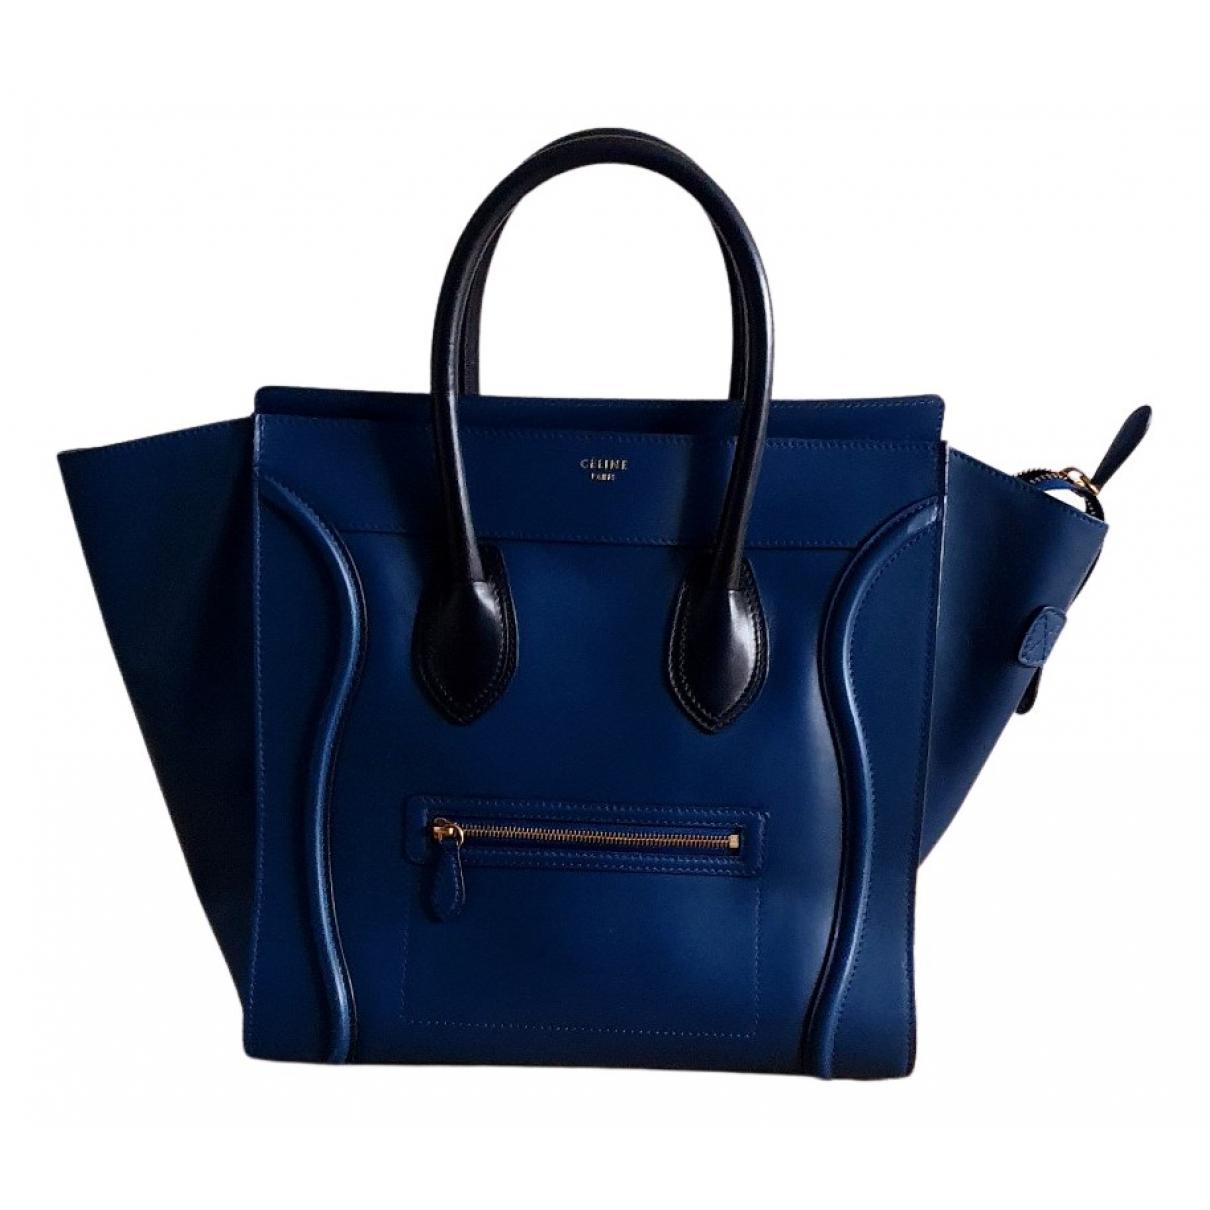 Celine Luggage Handtasche in  Blau Leder